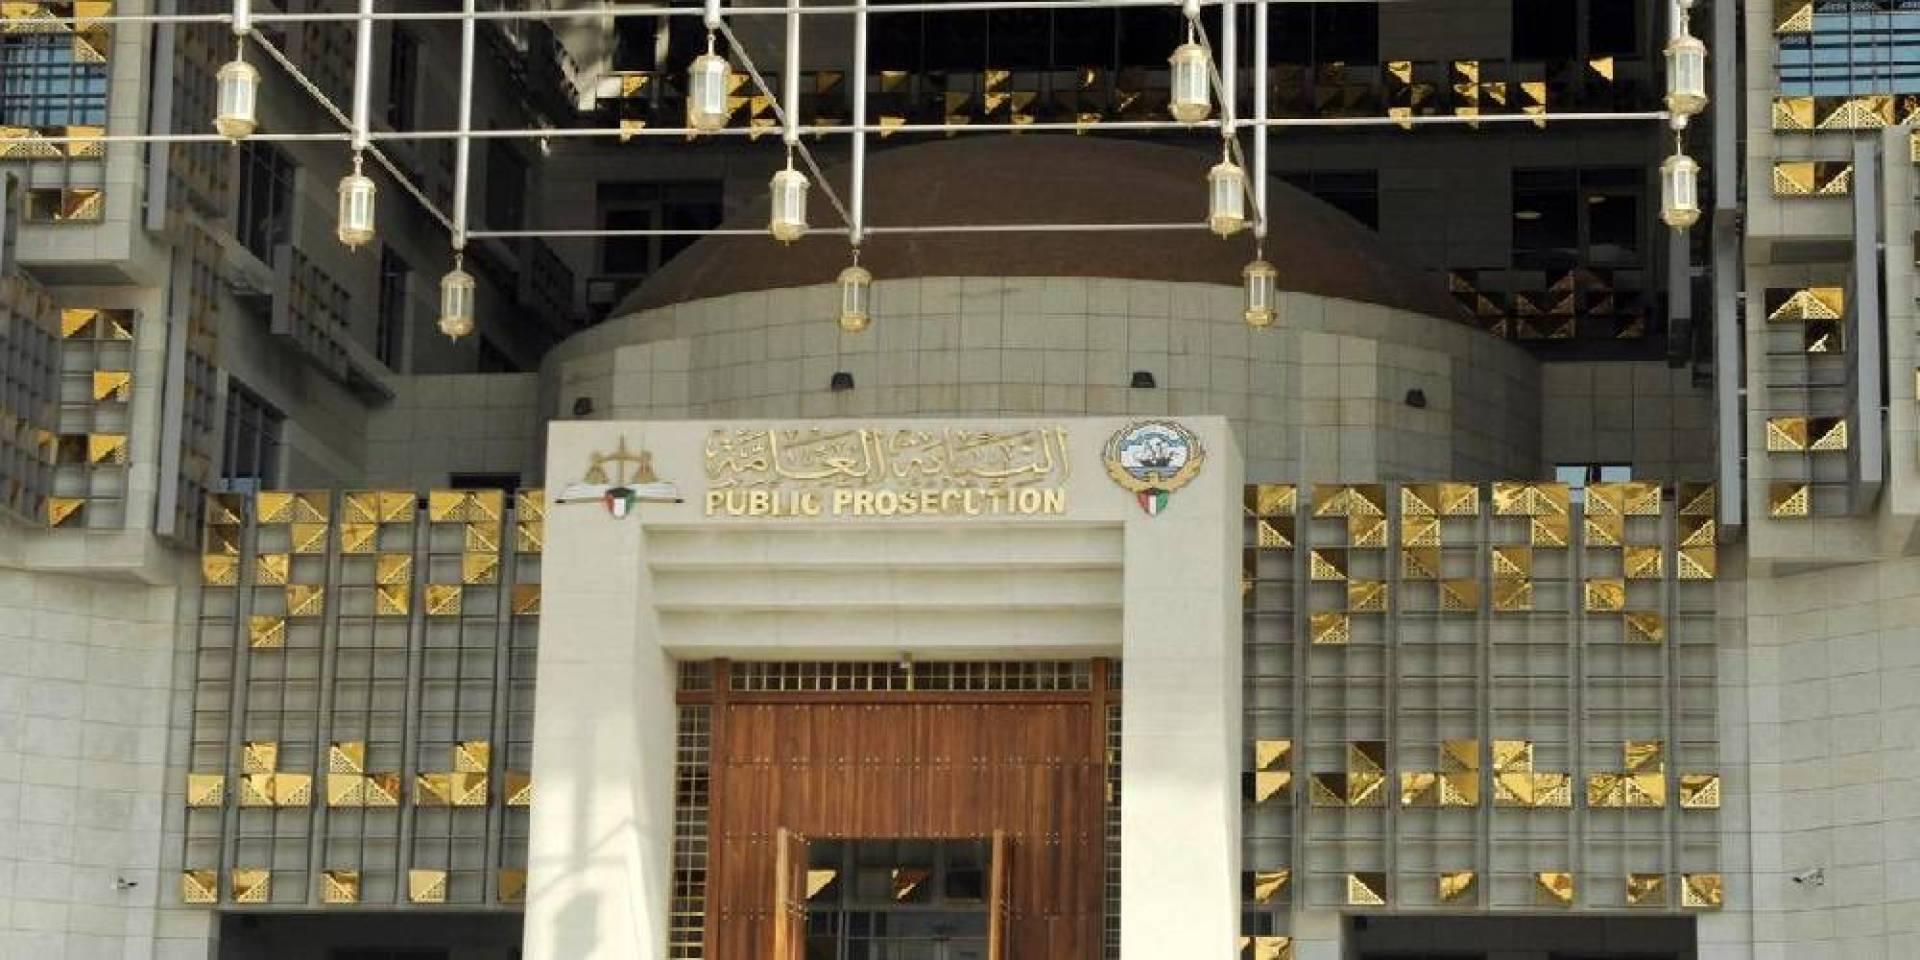 النيابة العامة رصدت أموالاً مغسولة من «كازينوهات» لبعض المتهمين